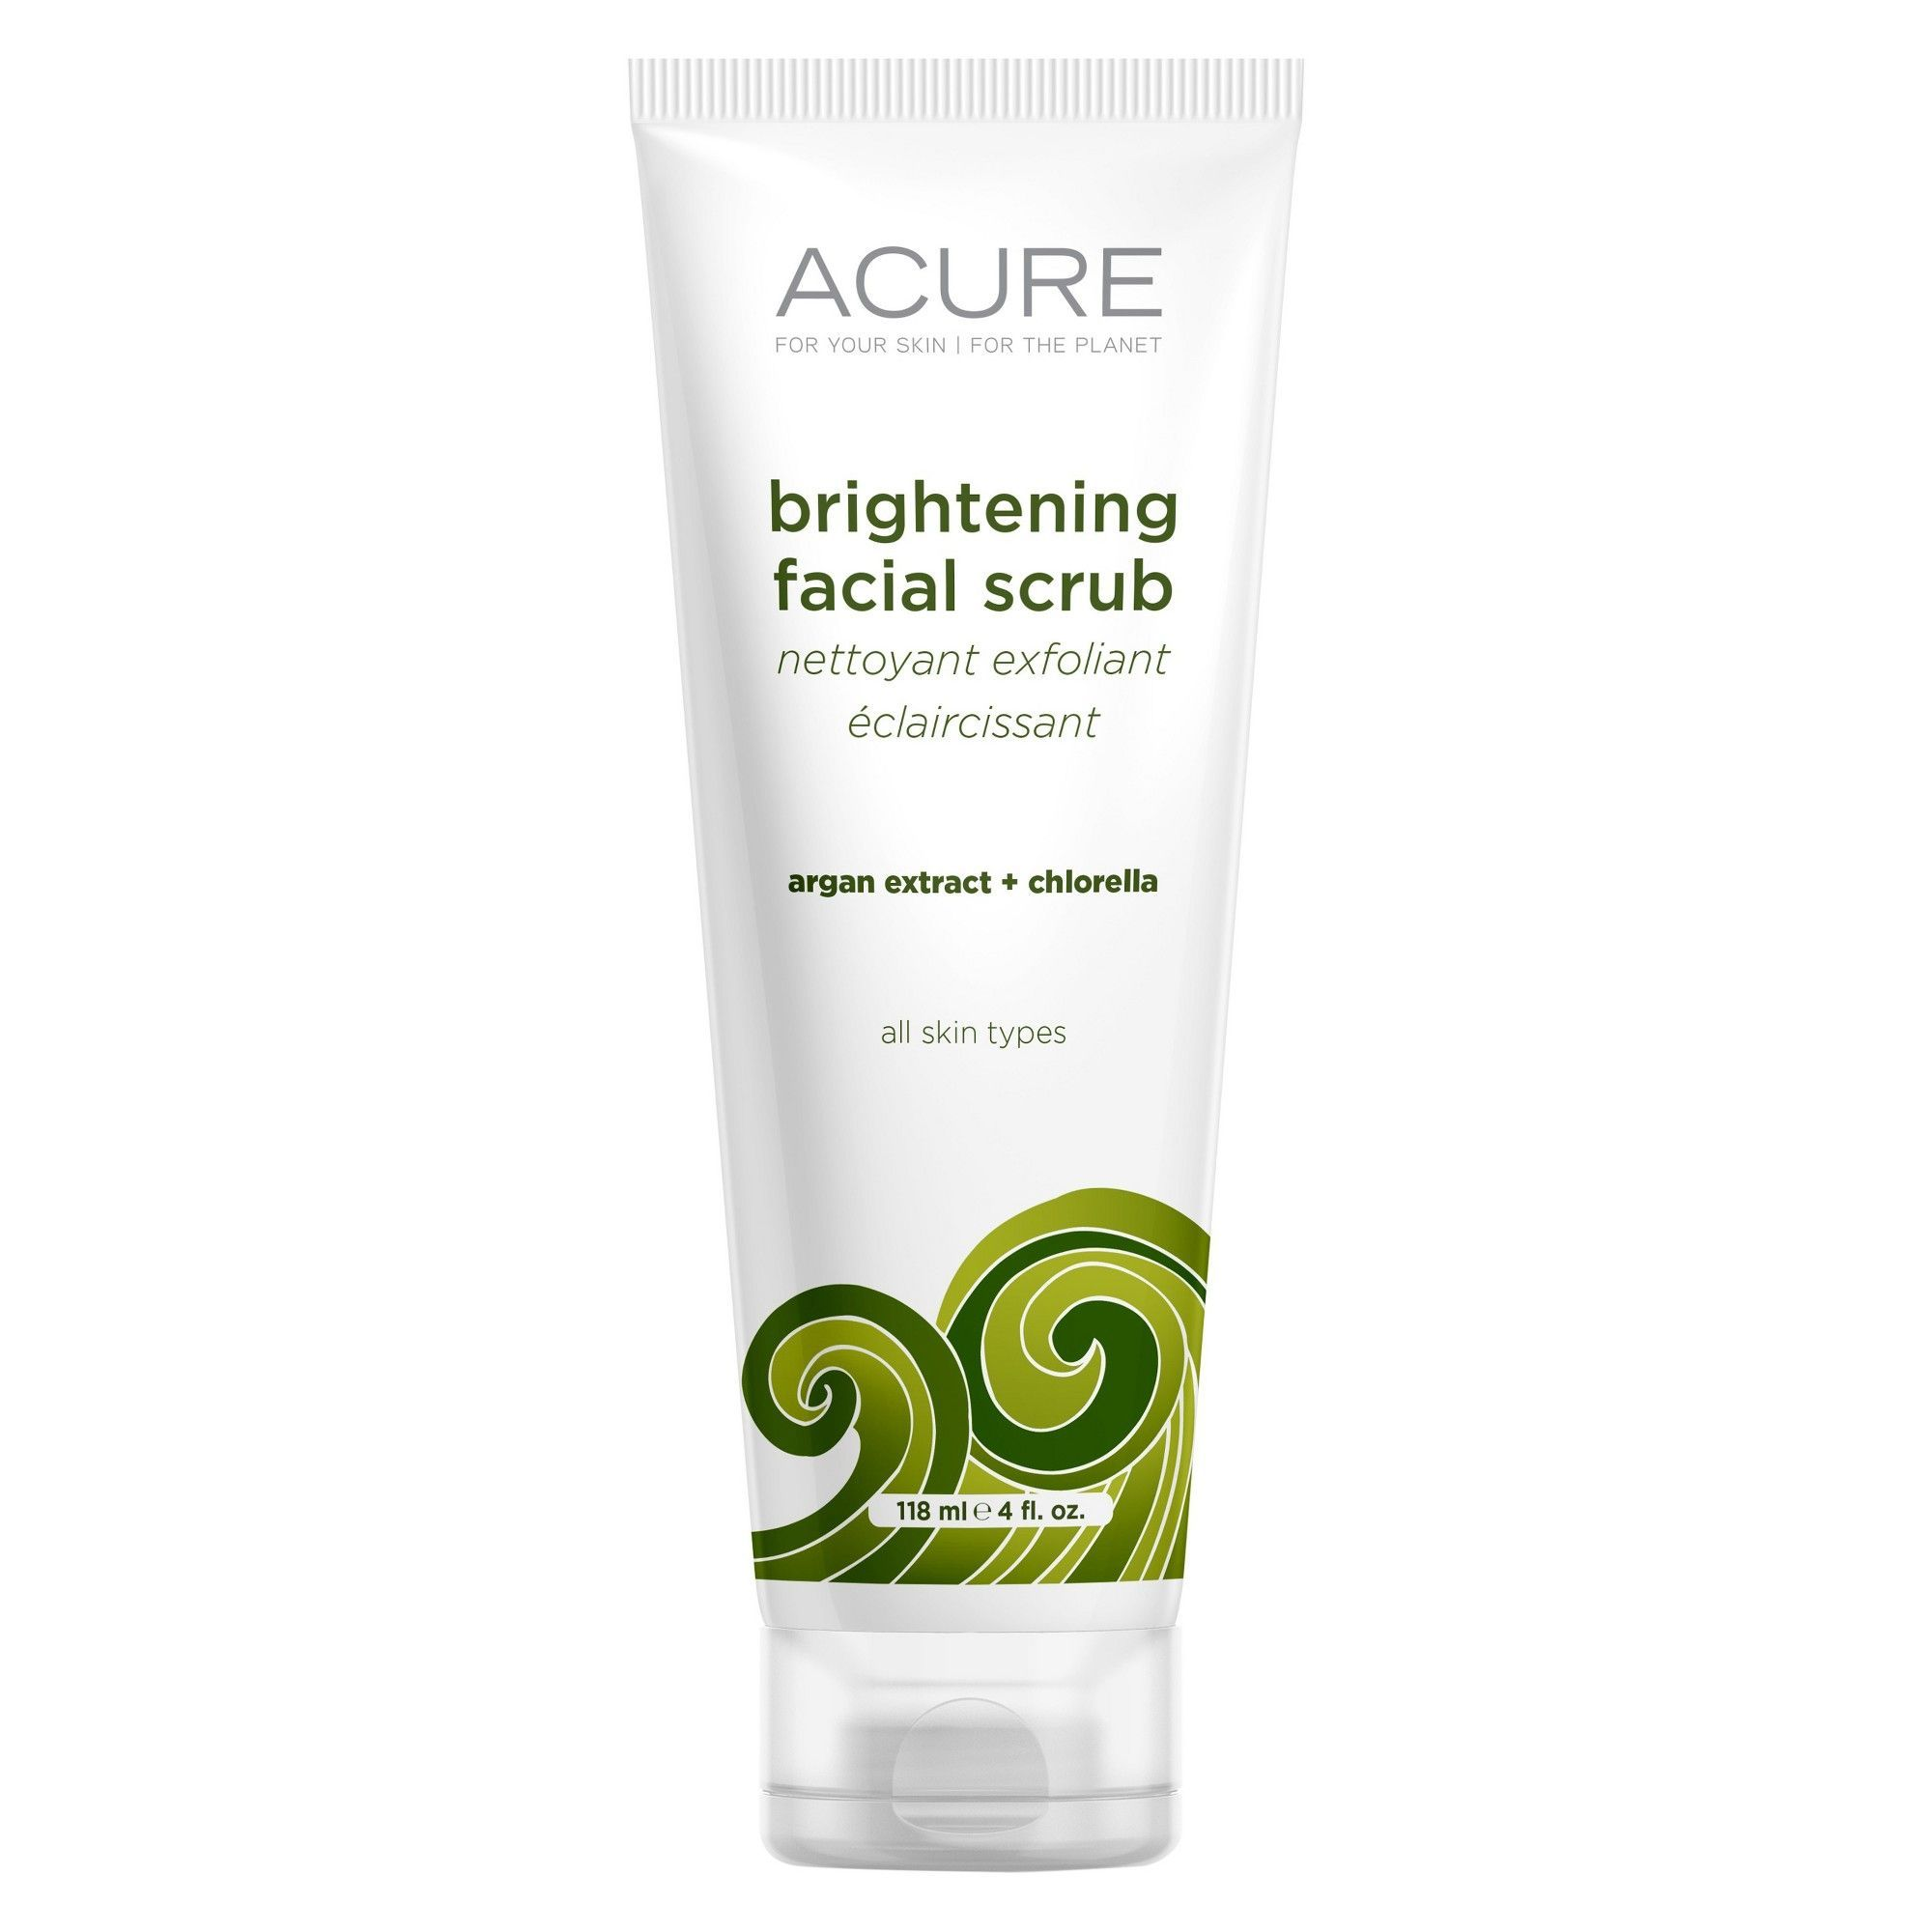 Acure Brilliantly Brightening Facial Scrub With Sea Kelp: Acure Organics Brightening Facial Scrub Sea Kelp + Cgf